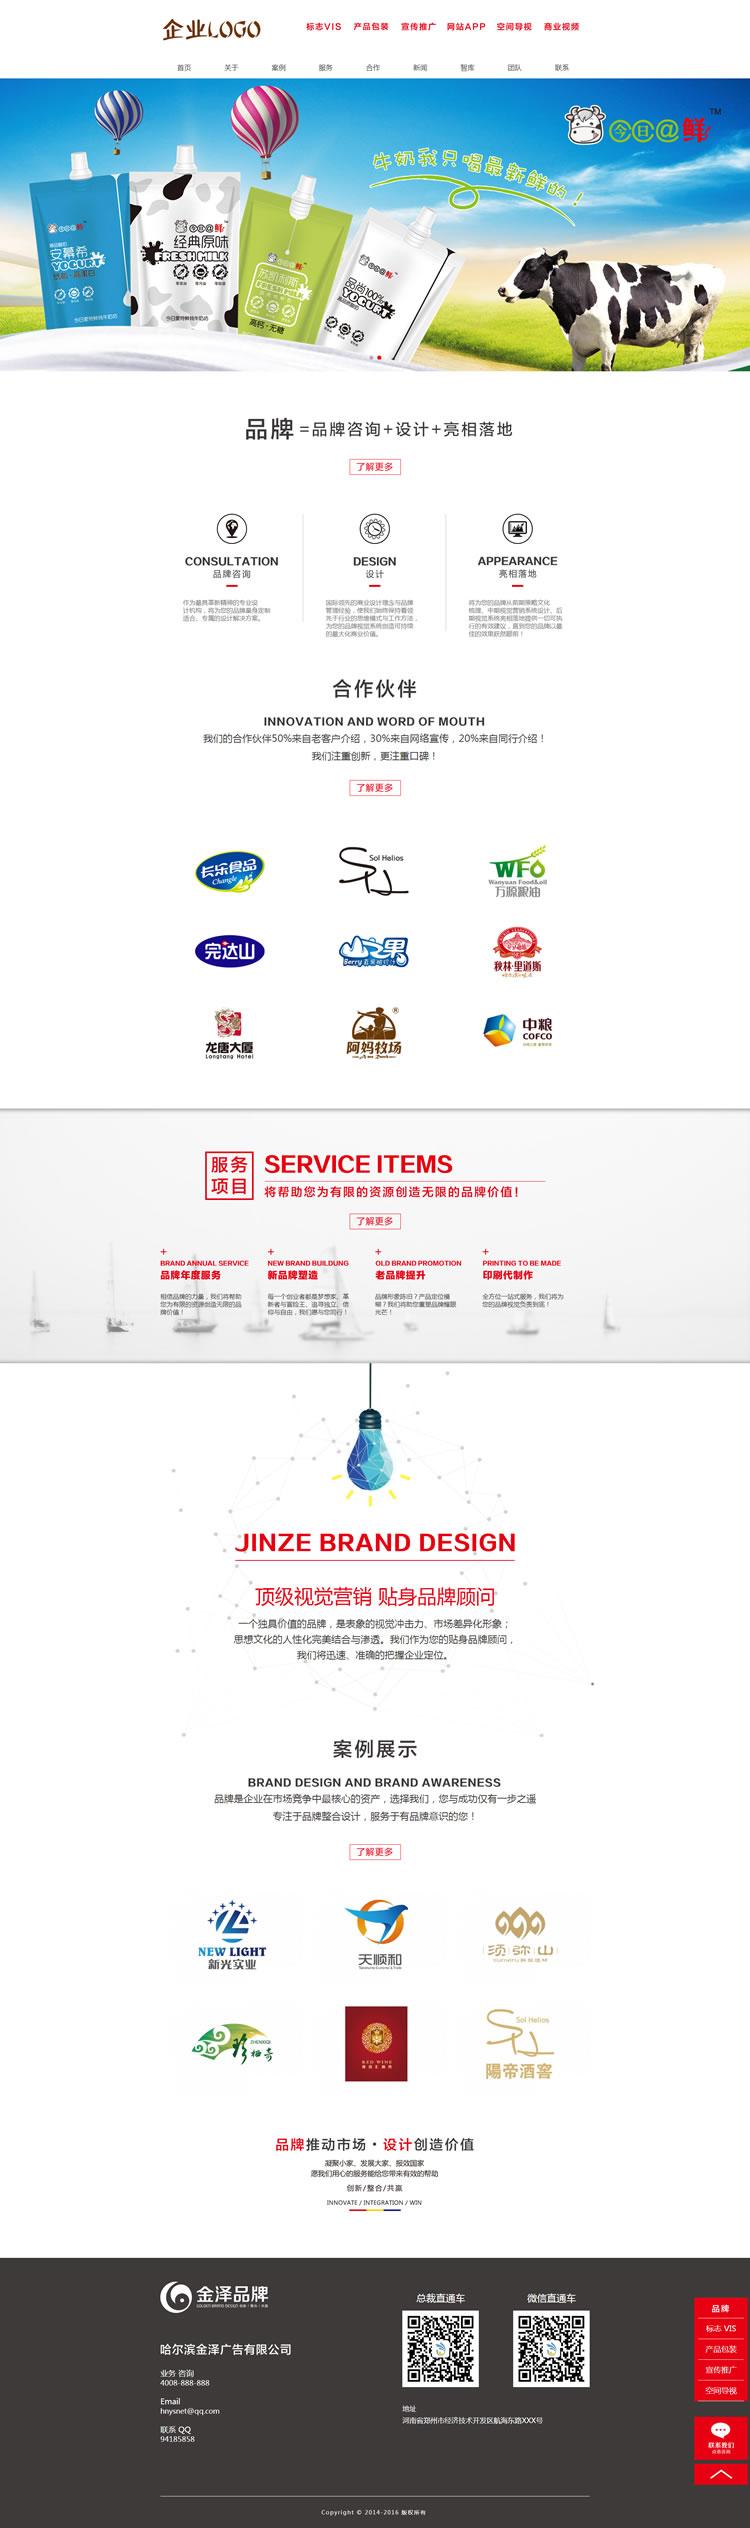 产品品牌广告设计企业网站织梦dedecms模板.jpg